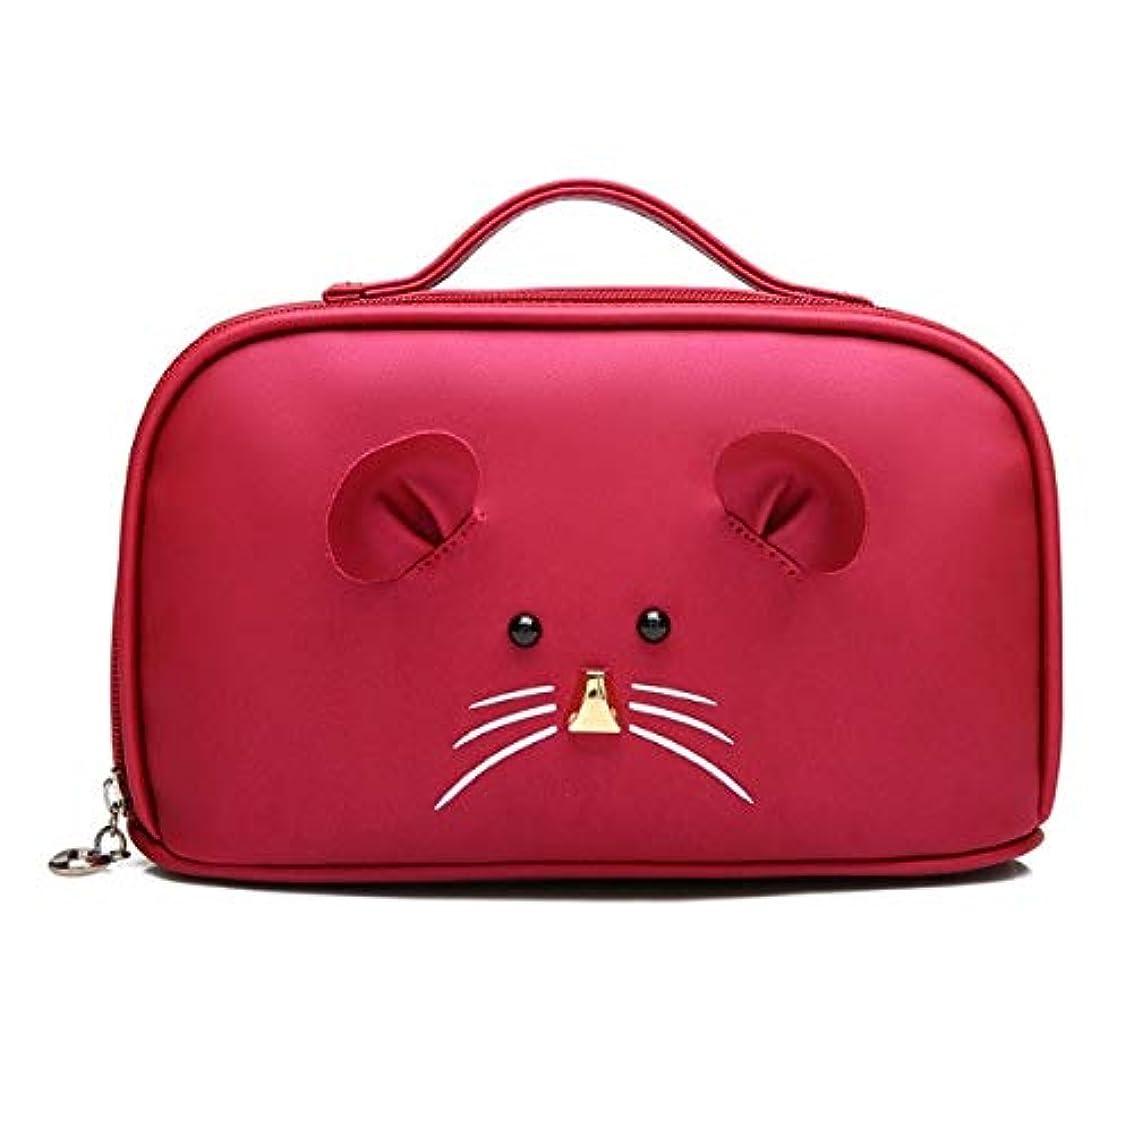 申し立てられた不健康あたり化粧箱、大容量漫画マウス化粧品ケース、ポータブル旅行化粧品ケース、美容ネイルジュエリー収納ボックス (Color : Red)